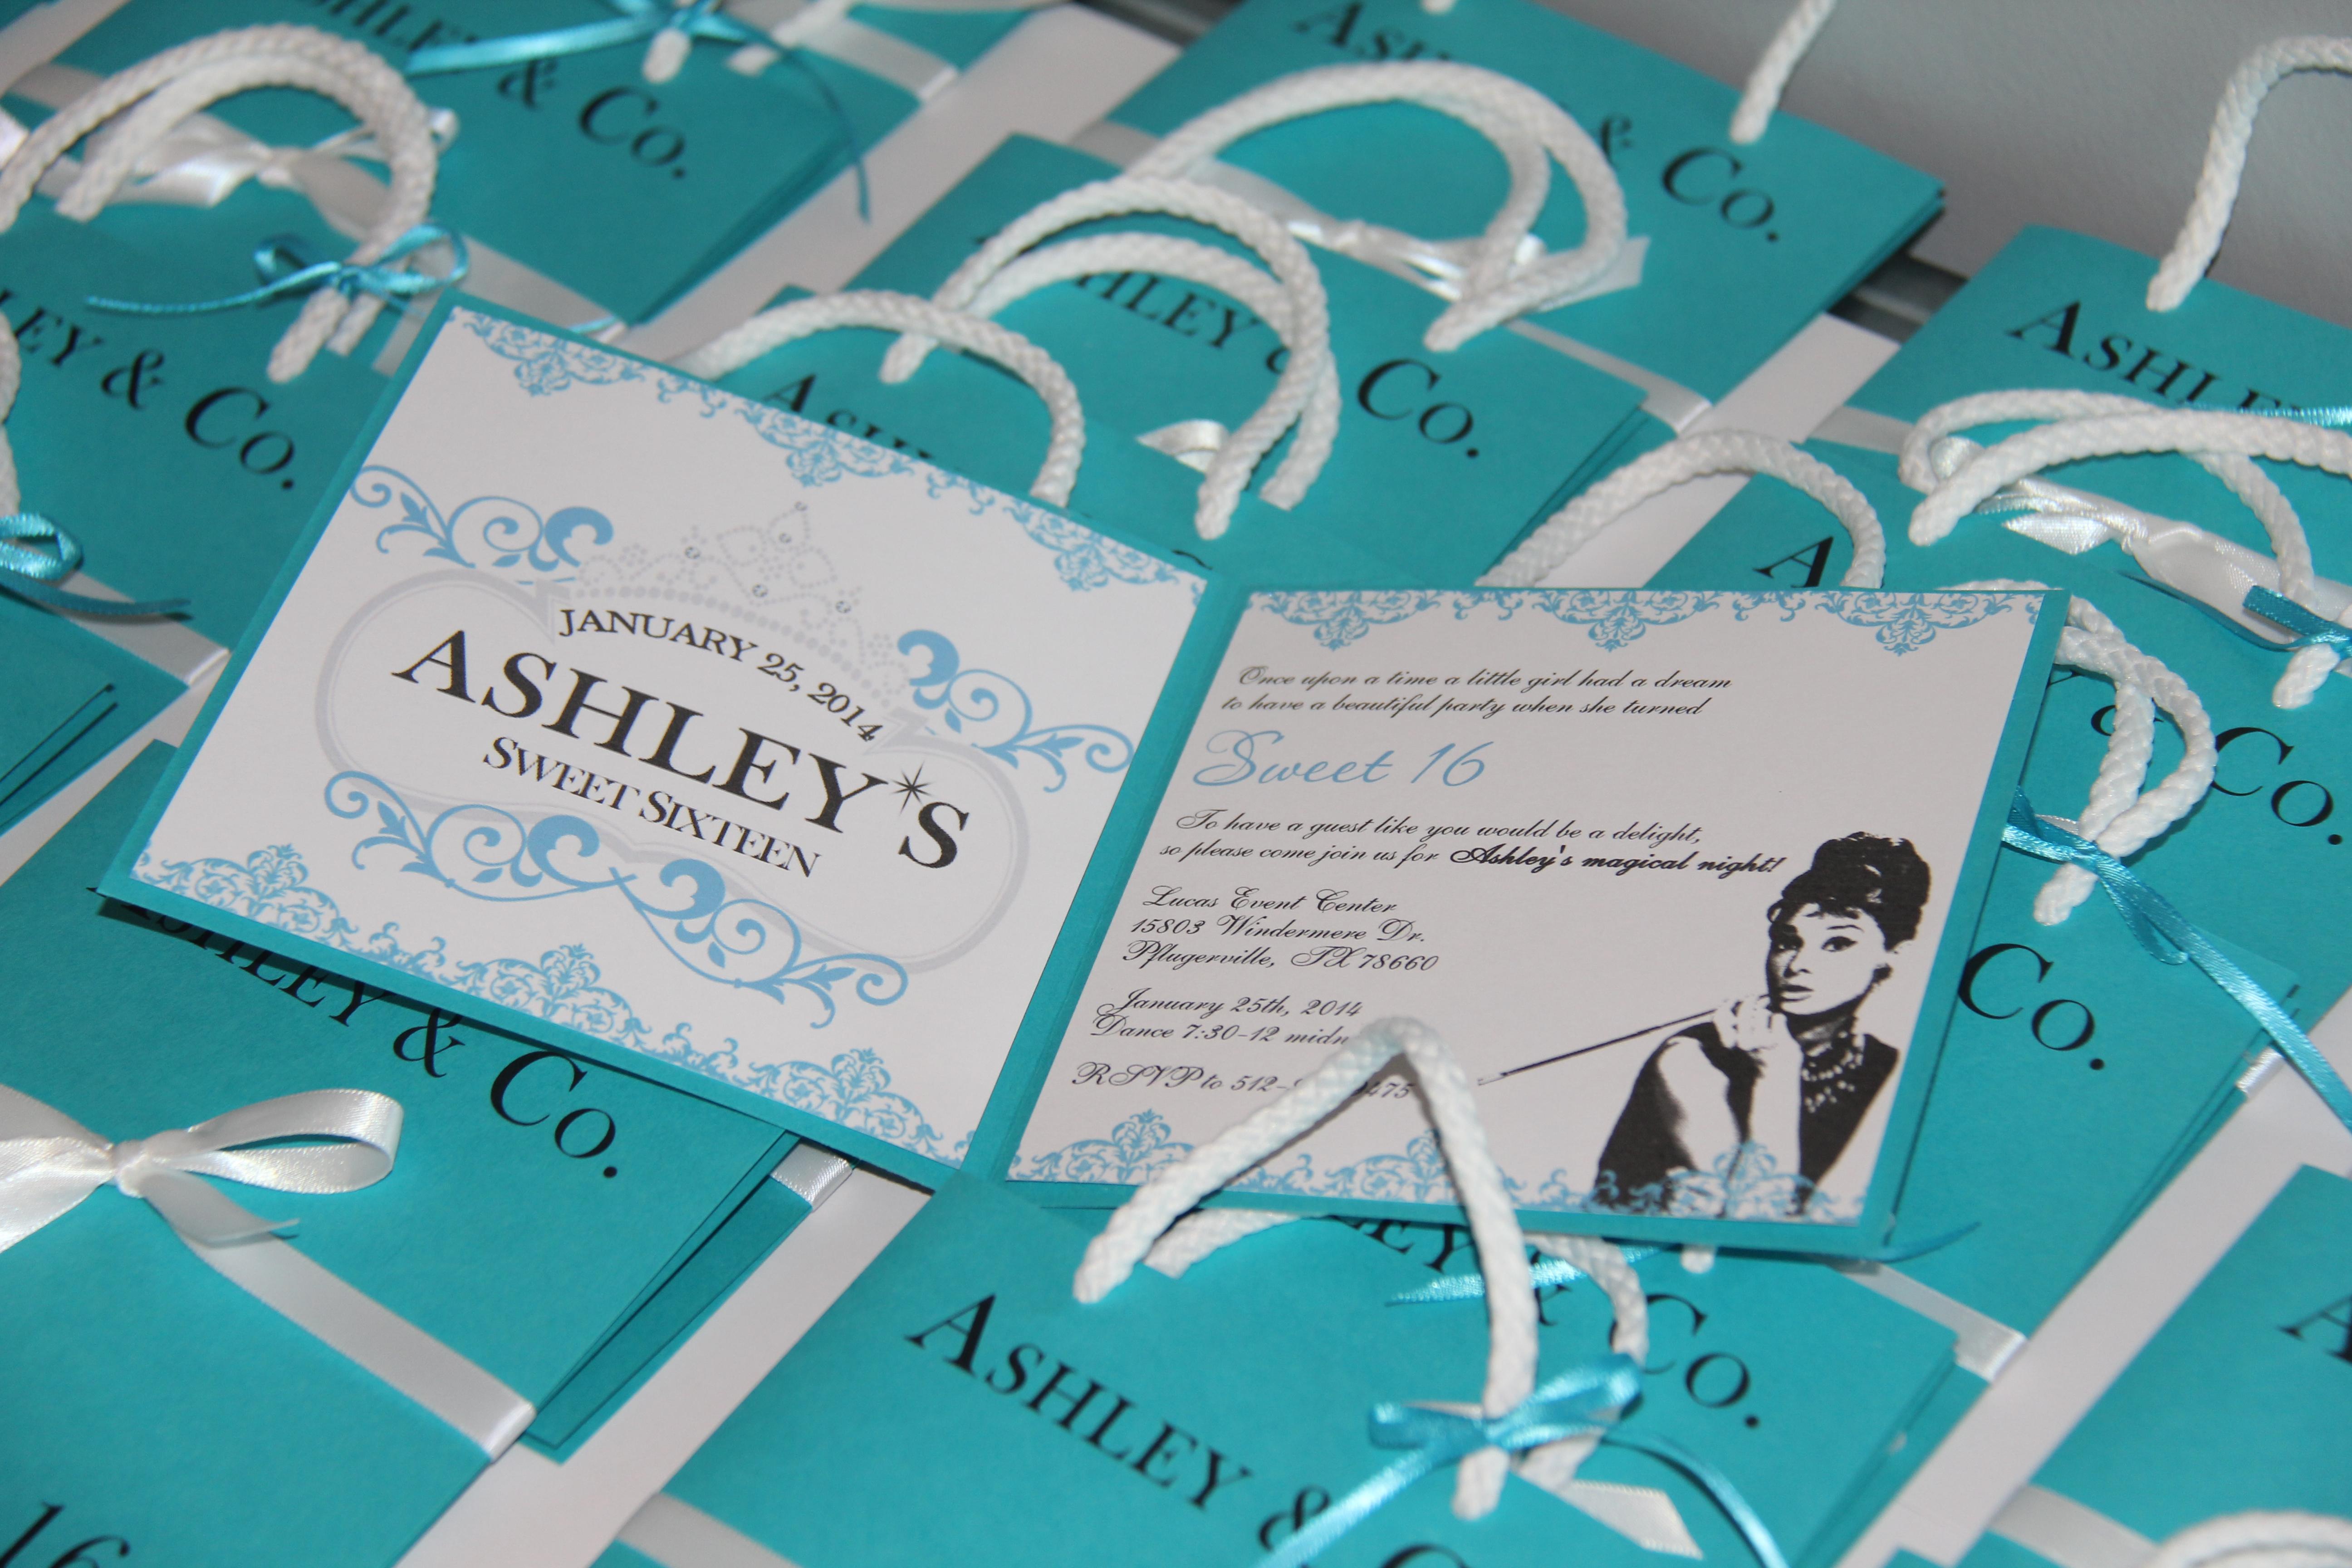 Ashley Unique Bag Invitations Jinkys Crafts